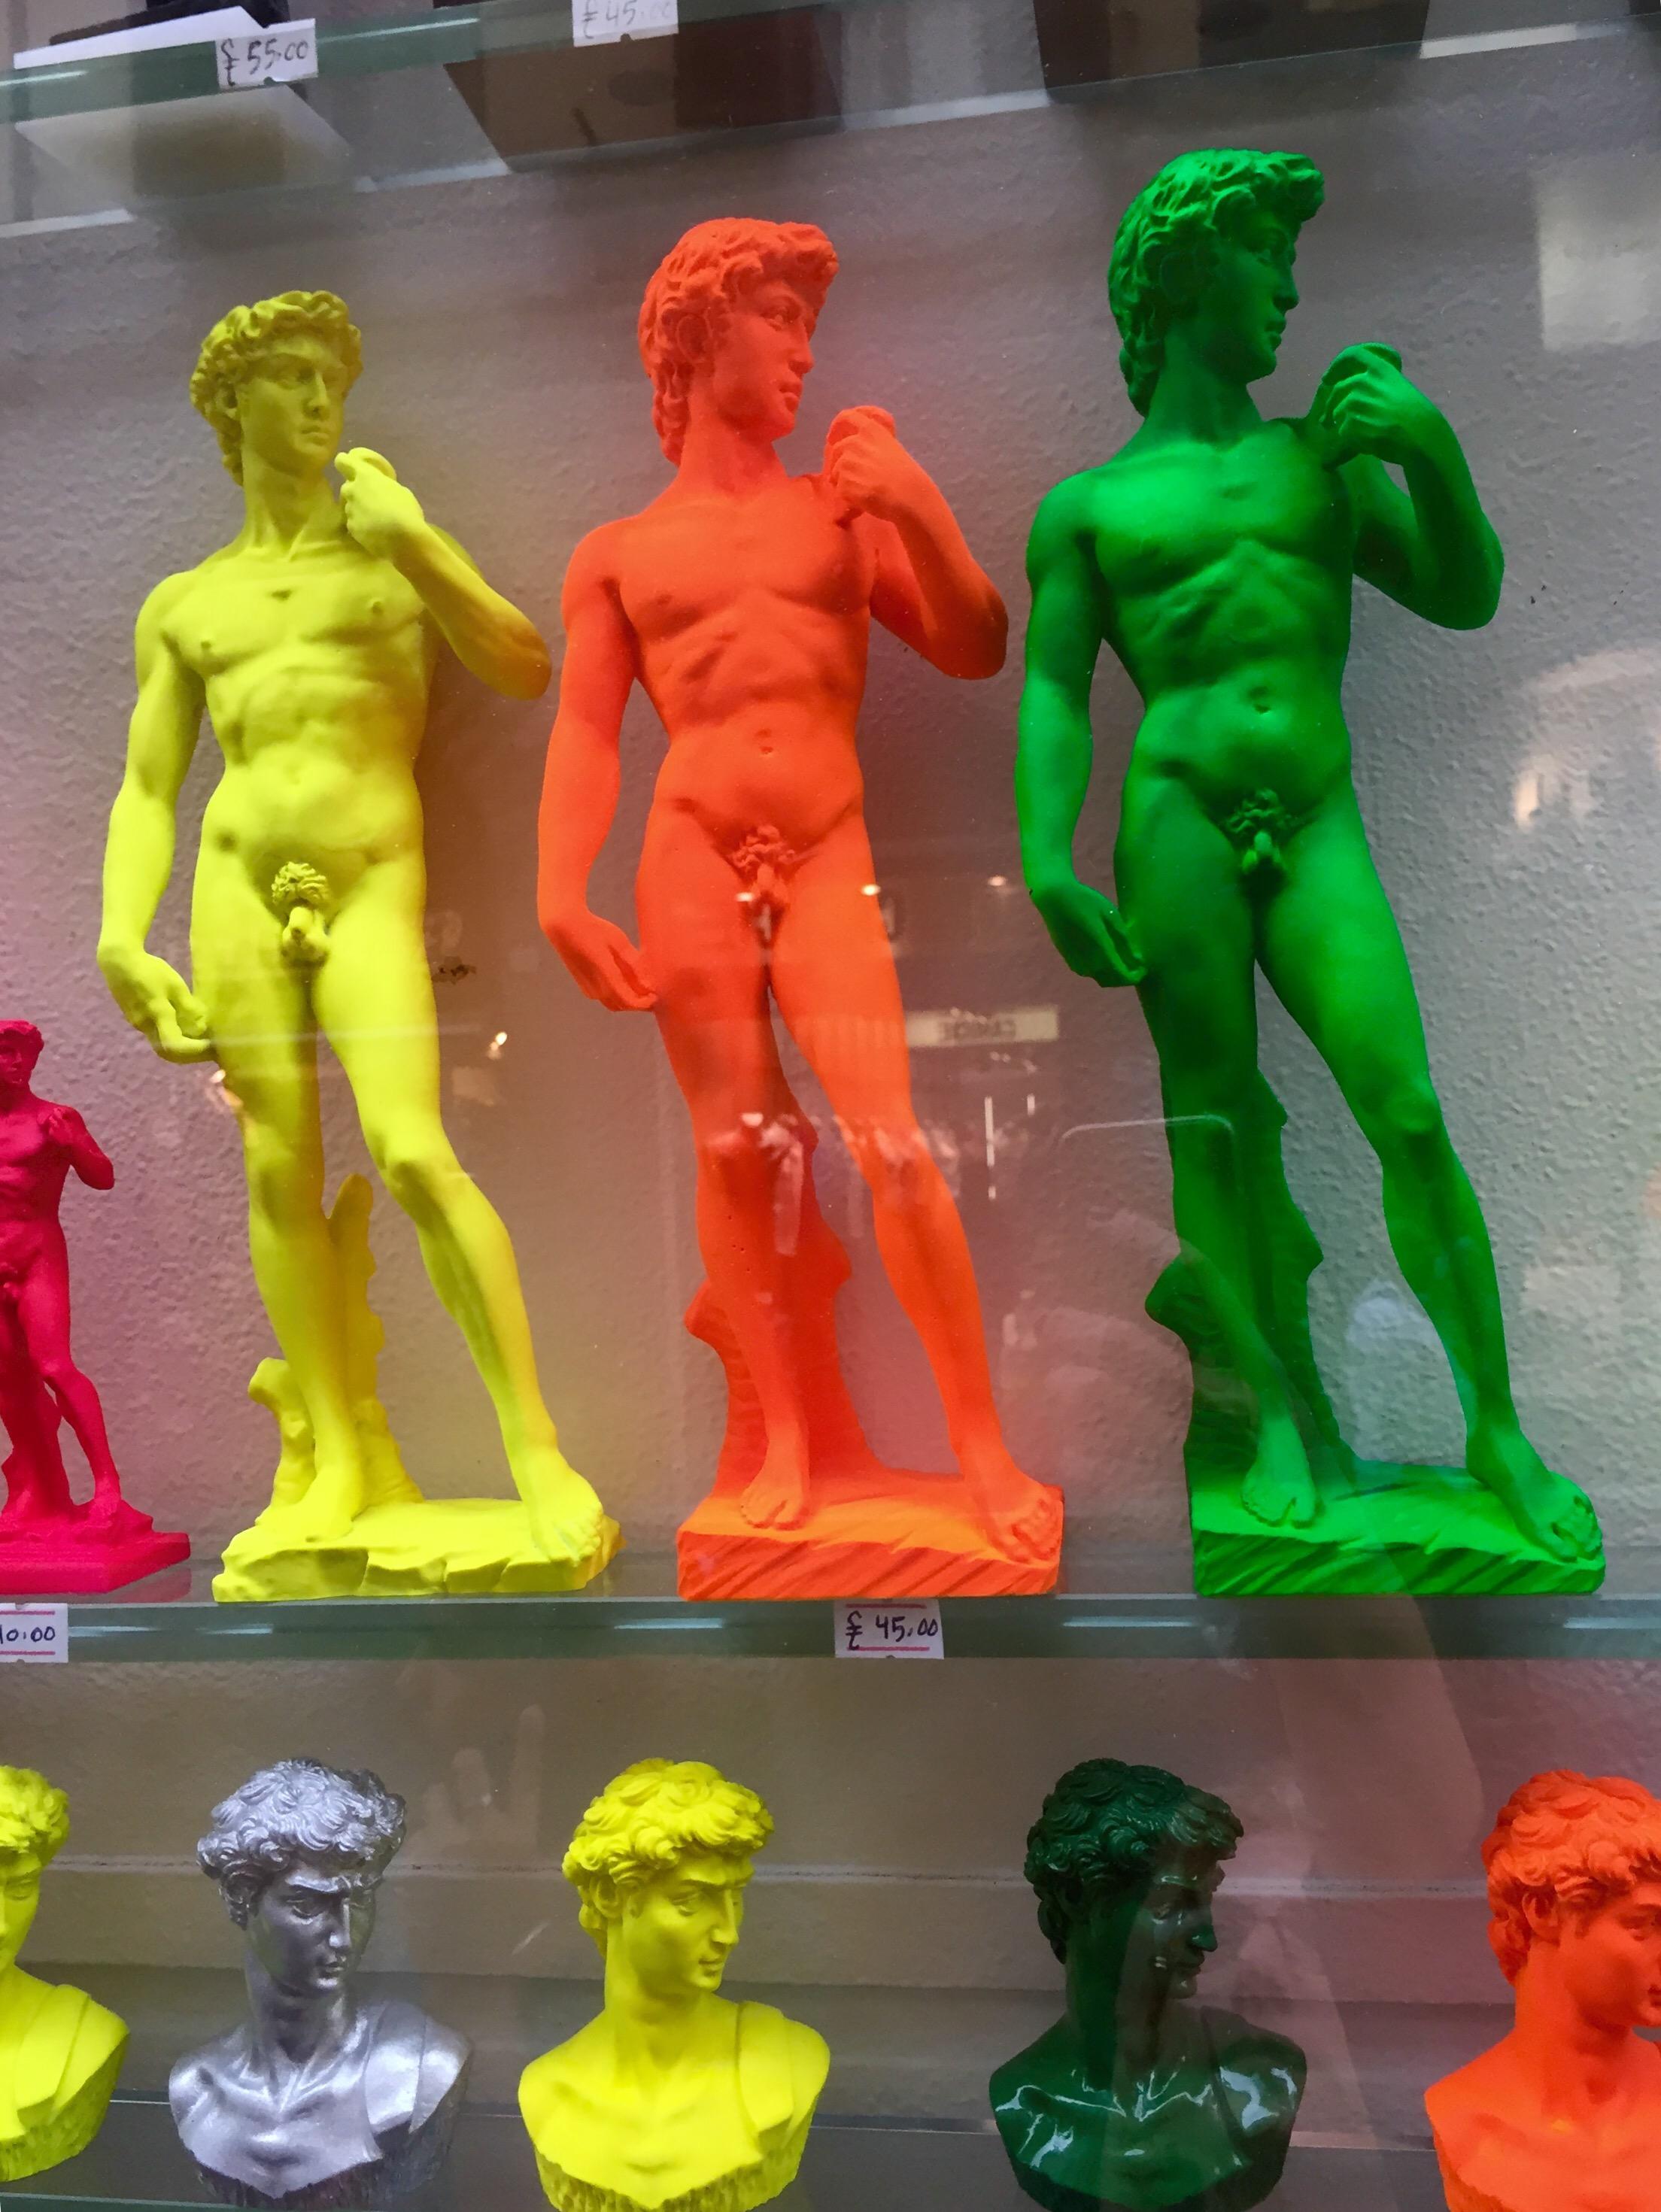 David colorati